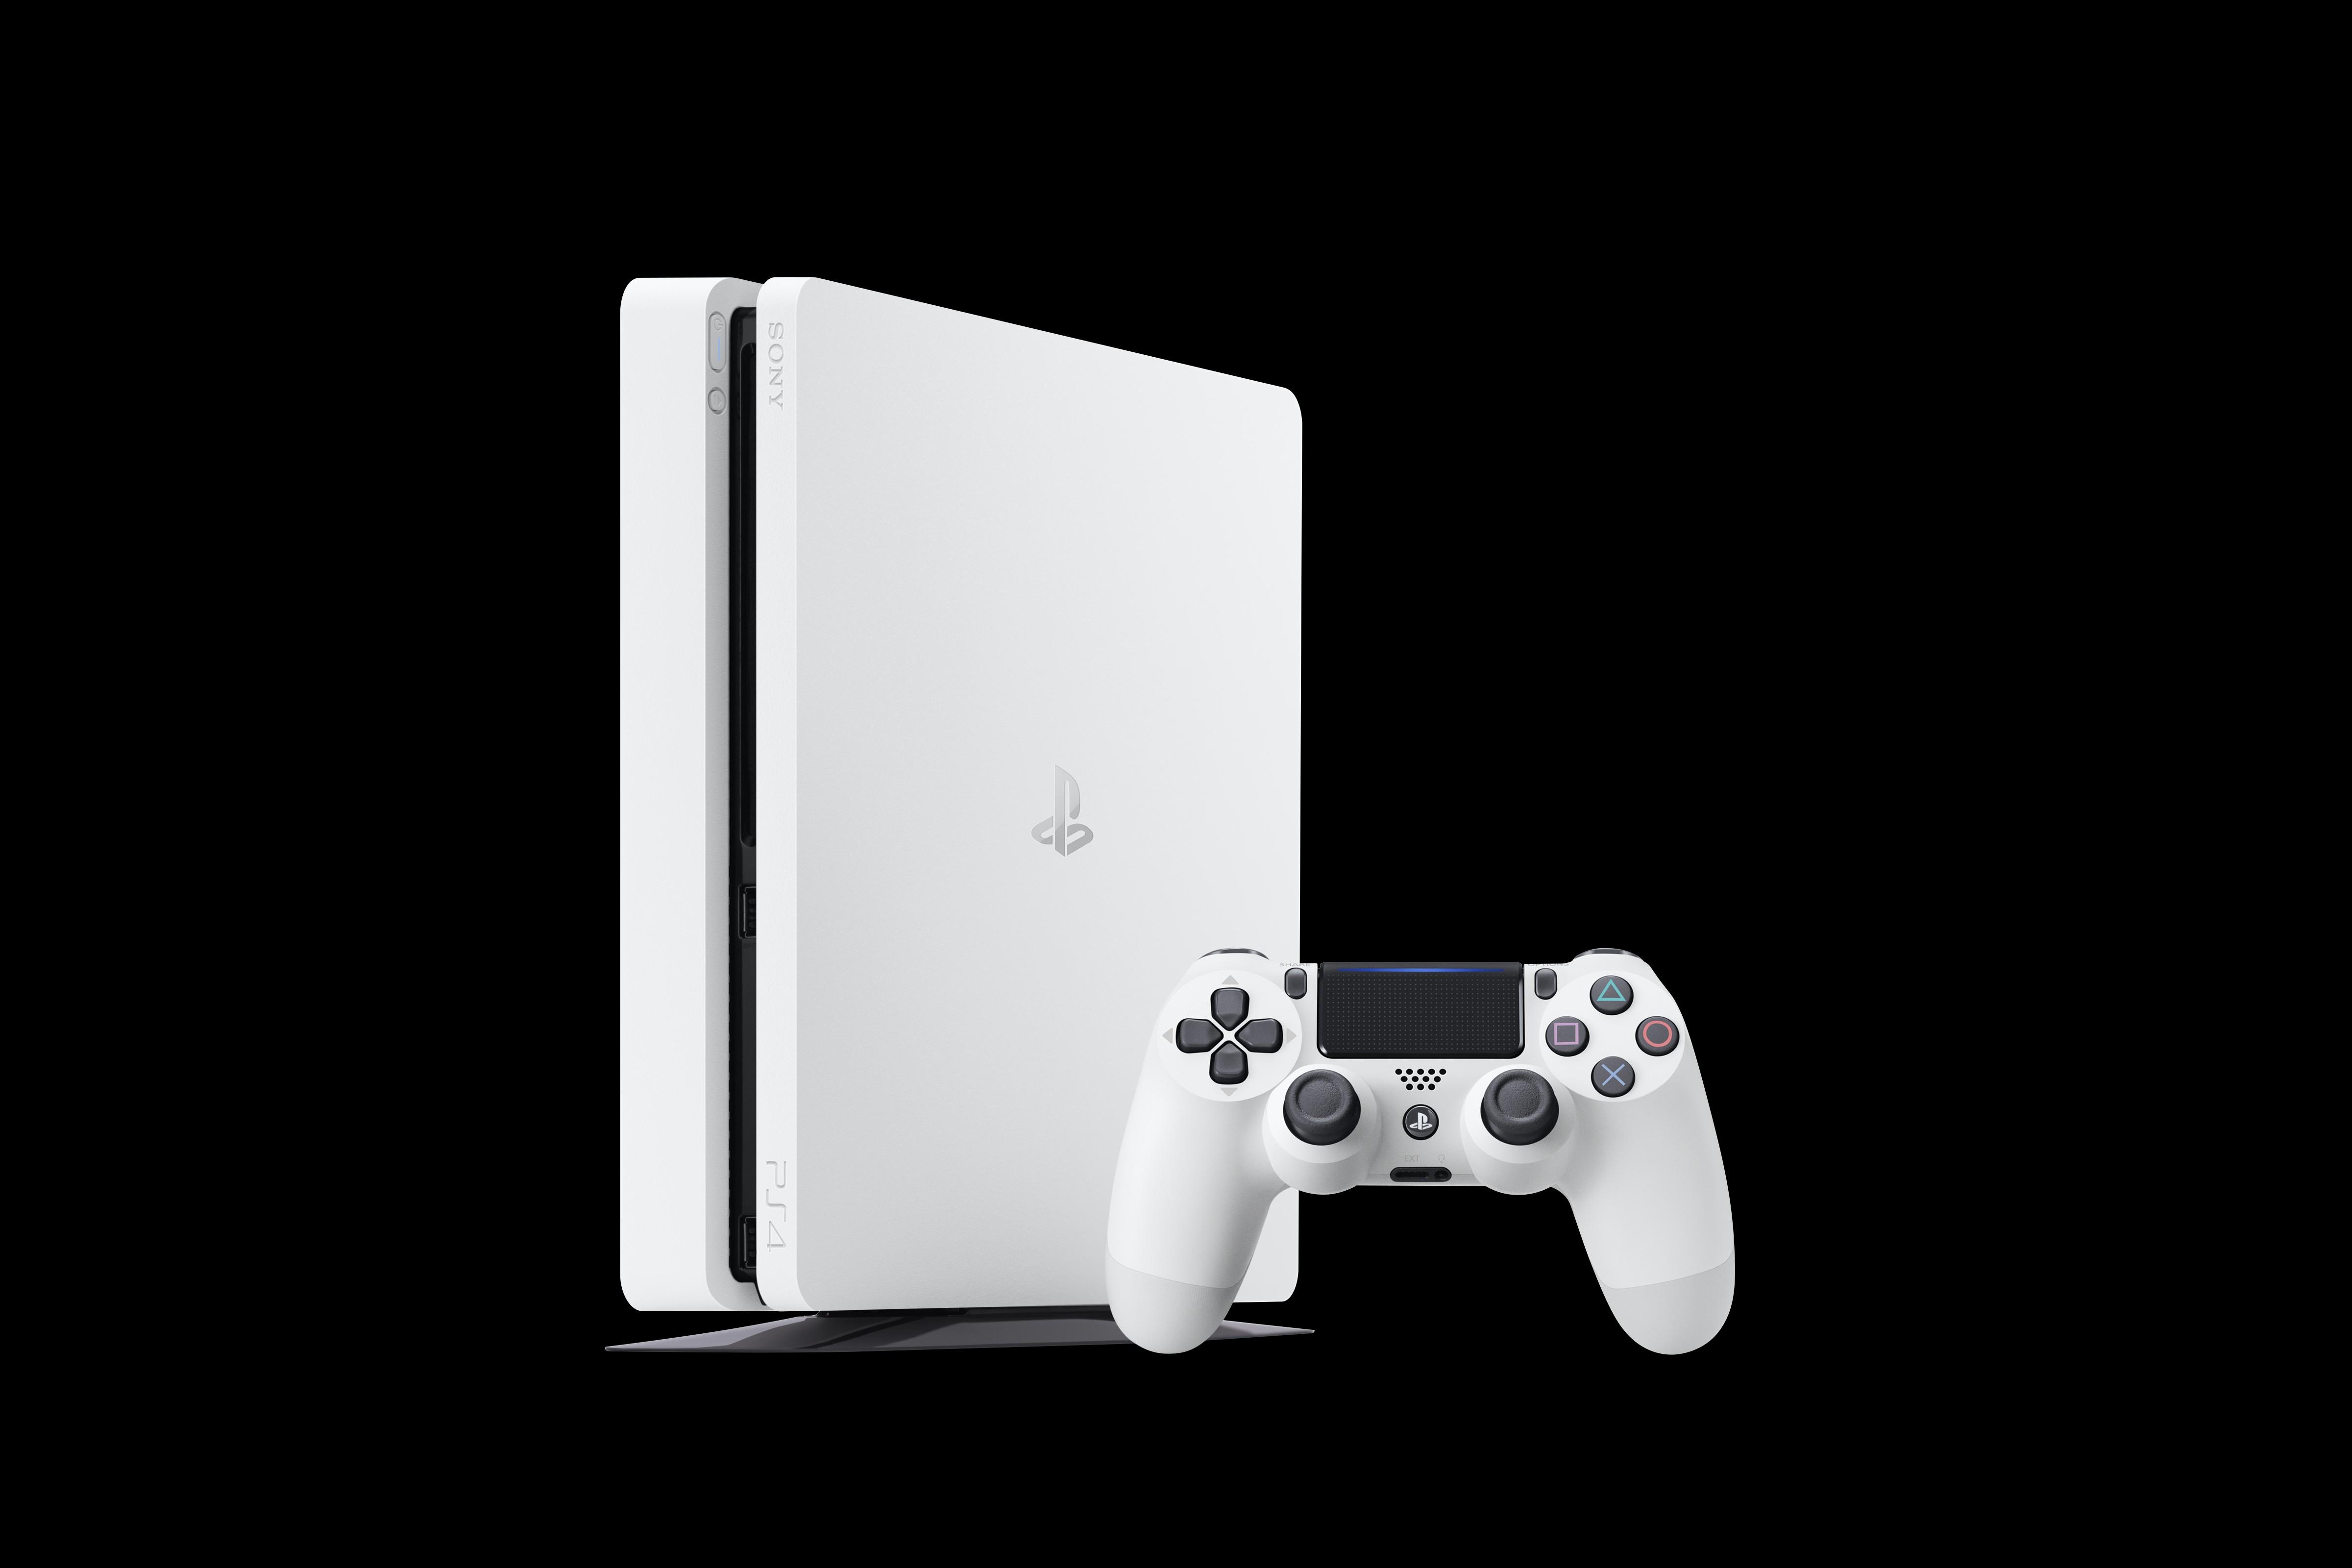 La PlayStation 4 bianca arriva a fine gennaio